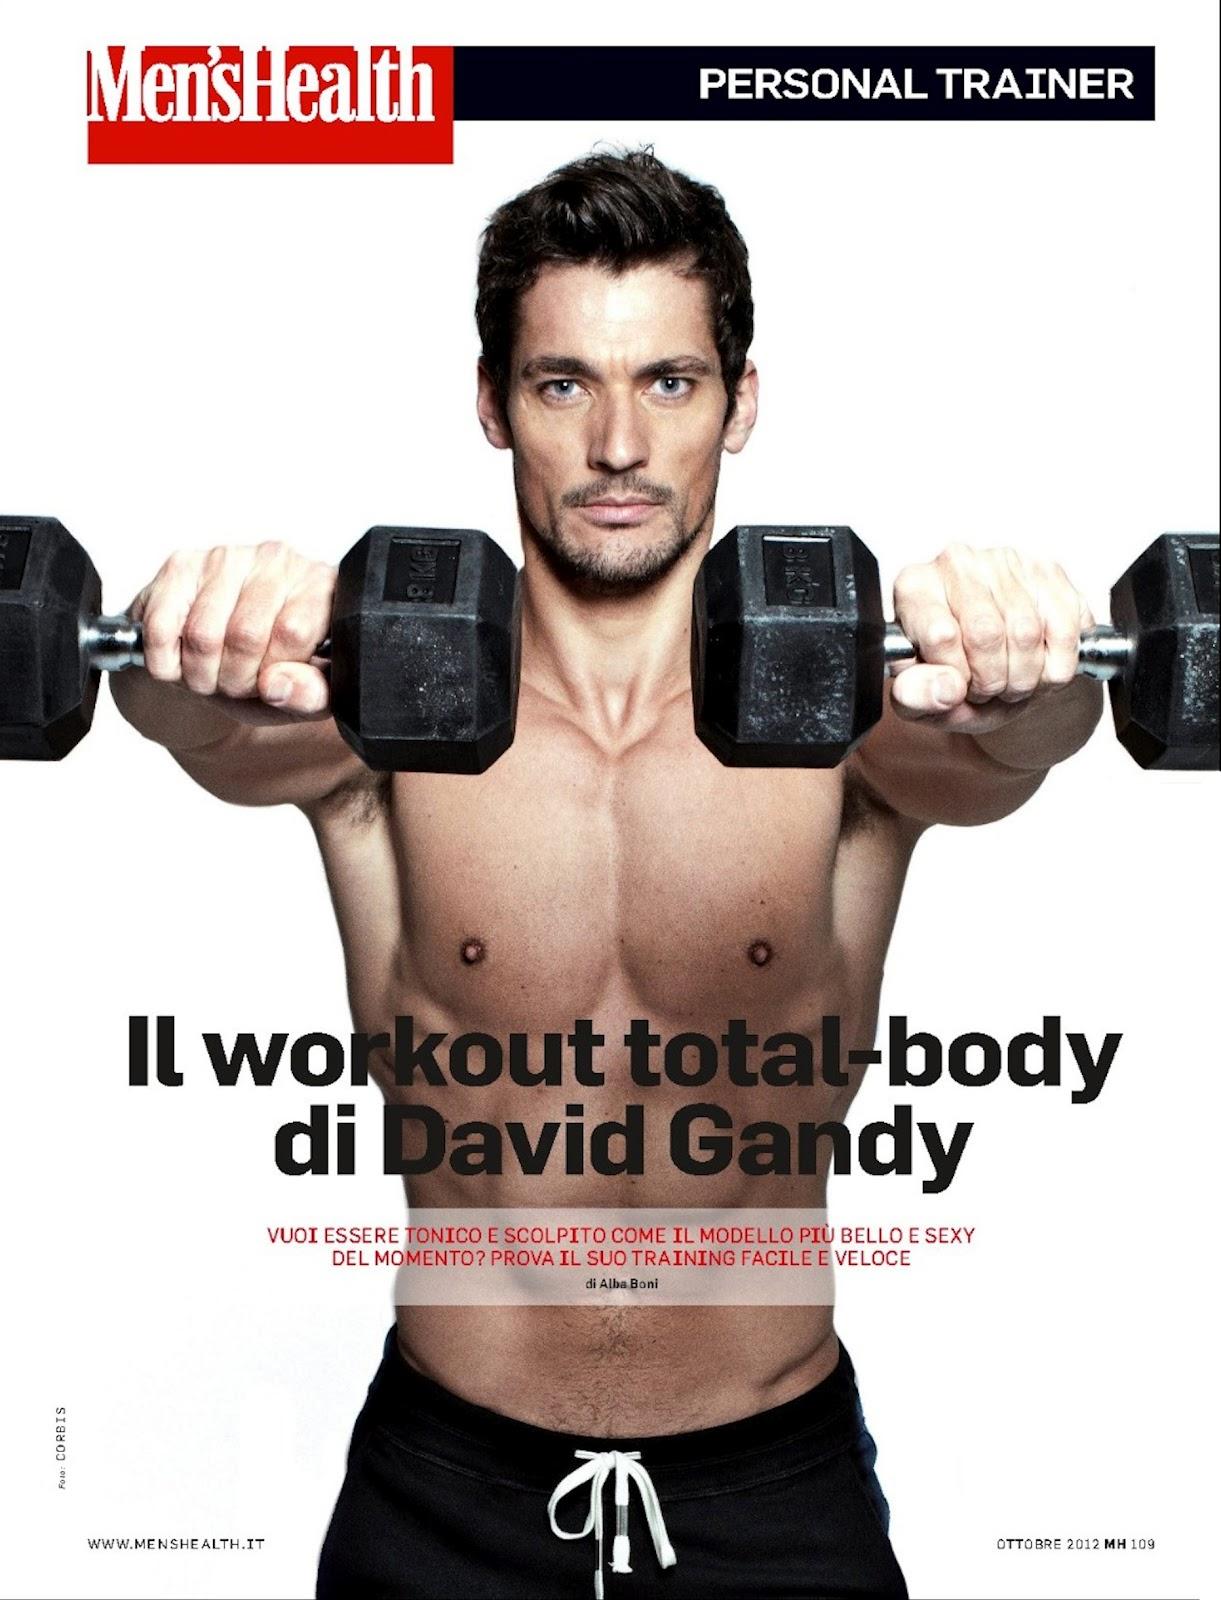 http://2.bp.blogspot.com/-y7N40WjMfIY/UGyRcUdH3WI/AAAAAAAABIA/X43X8cA7CsQ/s1600/Men%27s+Health+Italy_Oct+2012_03.jpg